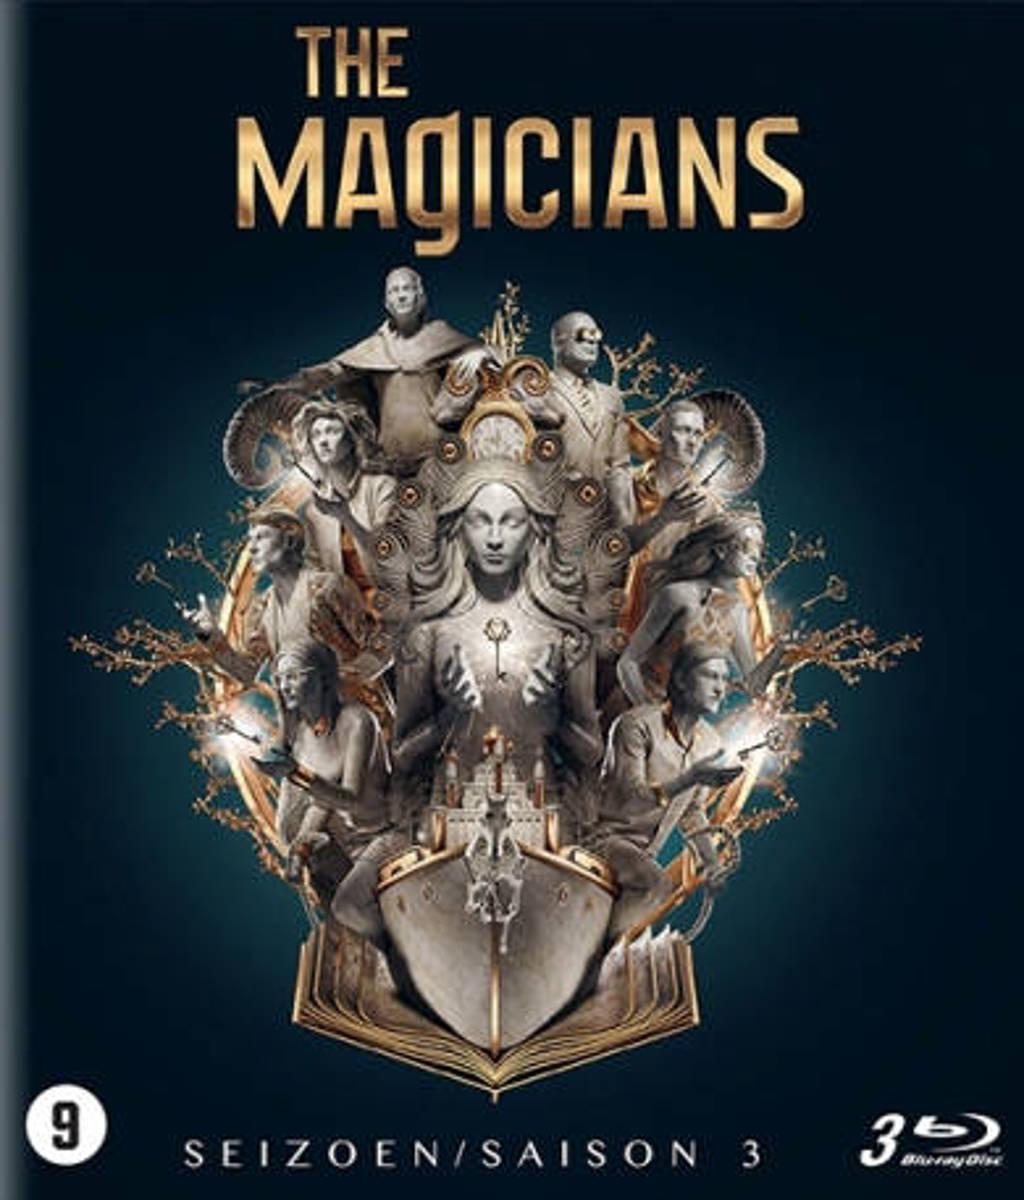 Magicians - Seizoen 3  (Blu-ray)